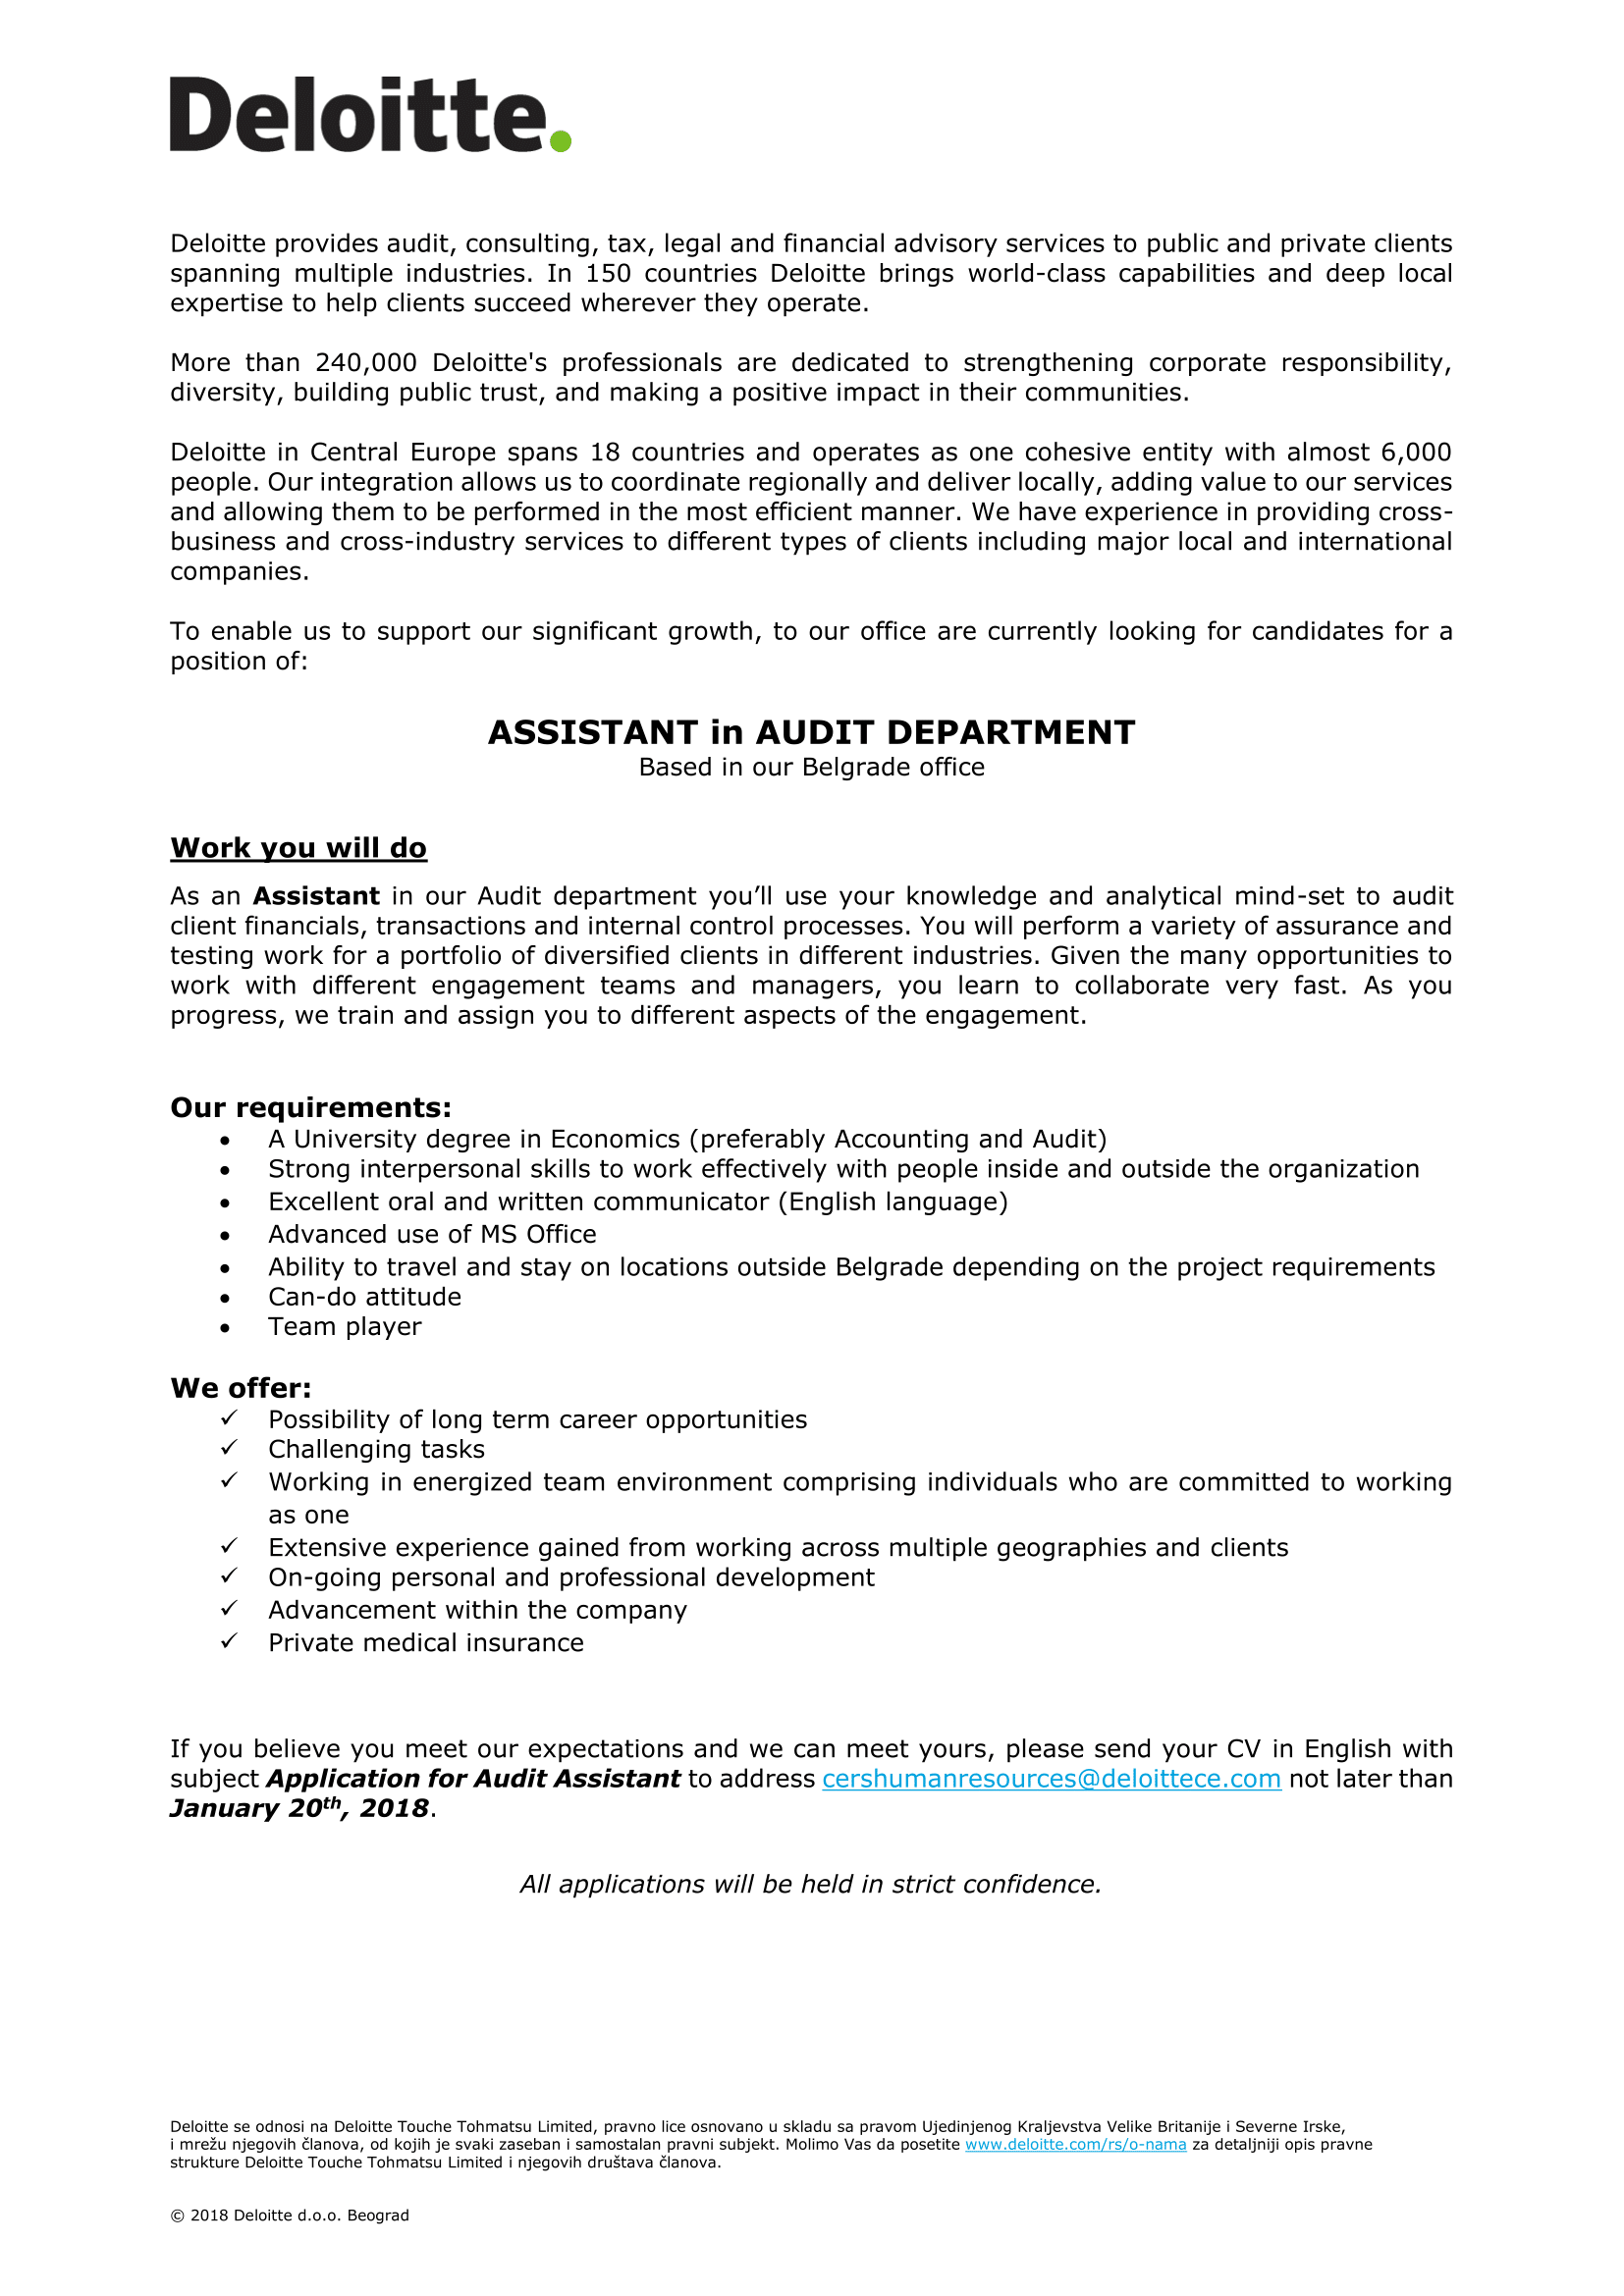 Audit Assistant - januar 2018-1